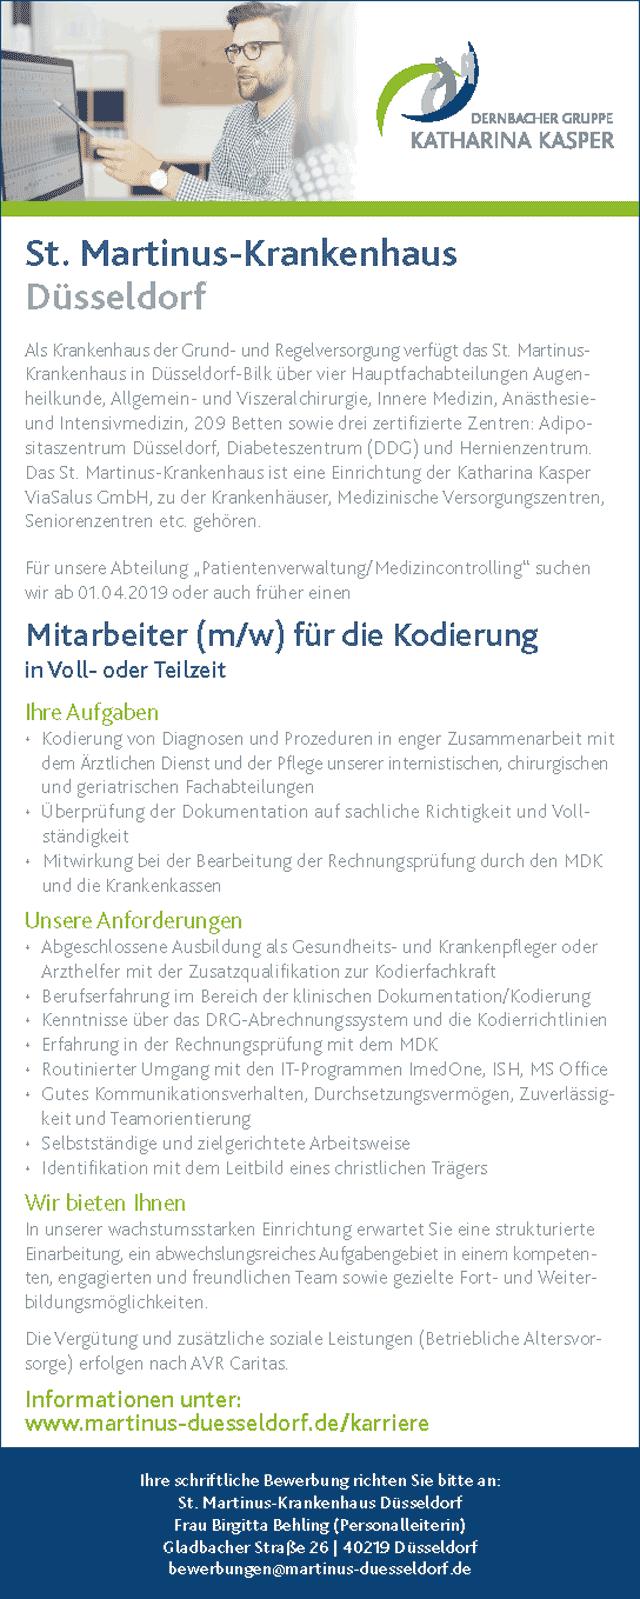 St. Martinus Krankenhaus Düsseldorf: Mitarbeiter f.d. Kodierung (m/w)